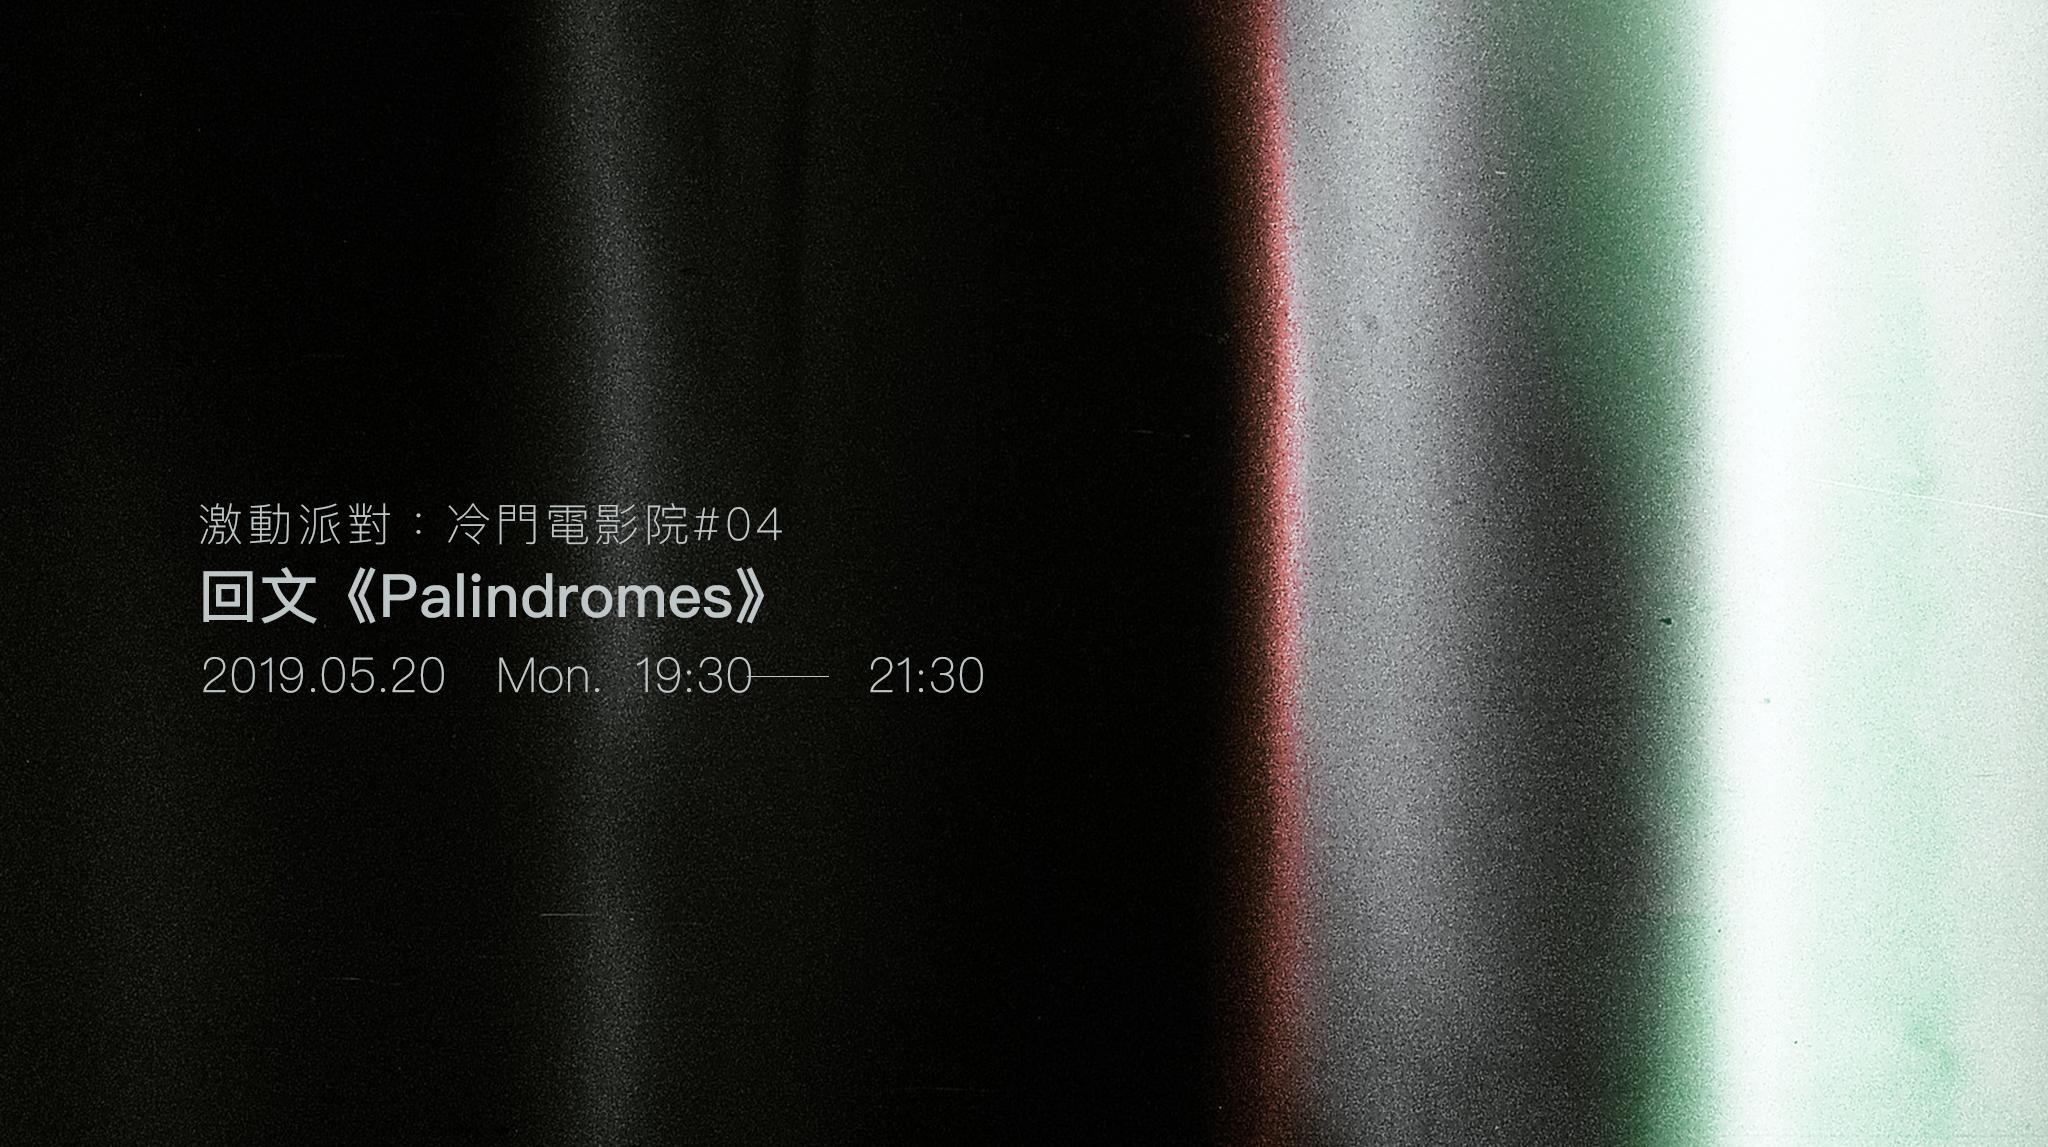 激動派對:冷門電影院#04 回文《Palindromes》 -